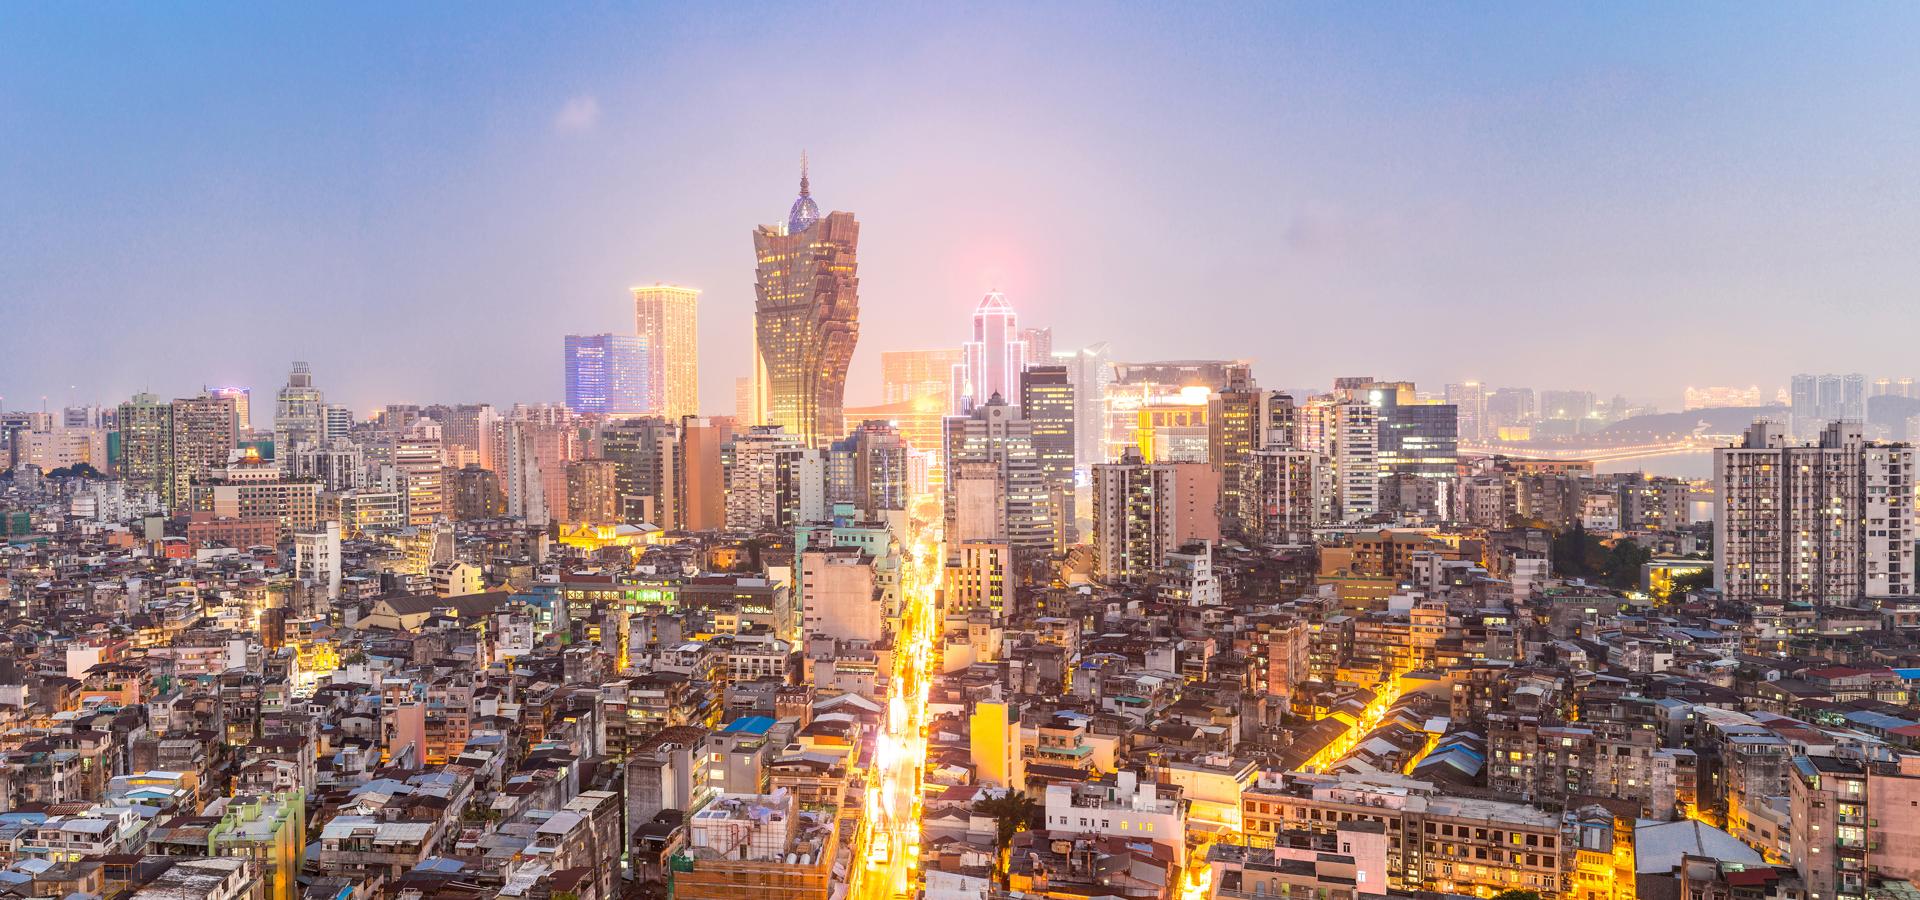 Peer-to-peer advisory in Macao